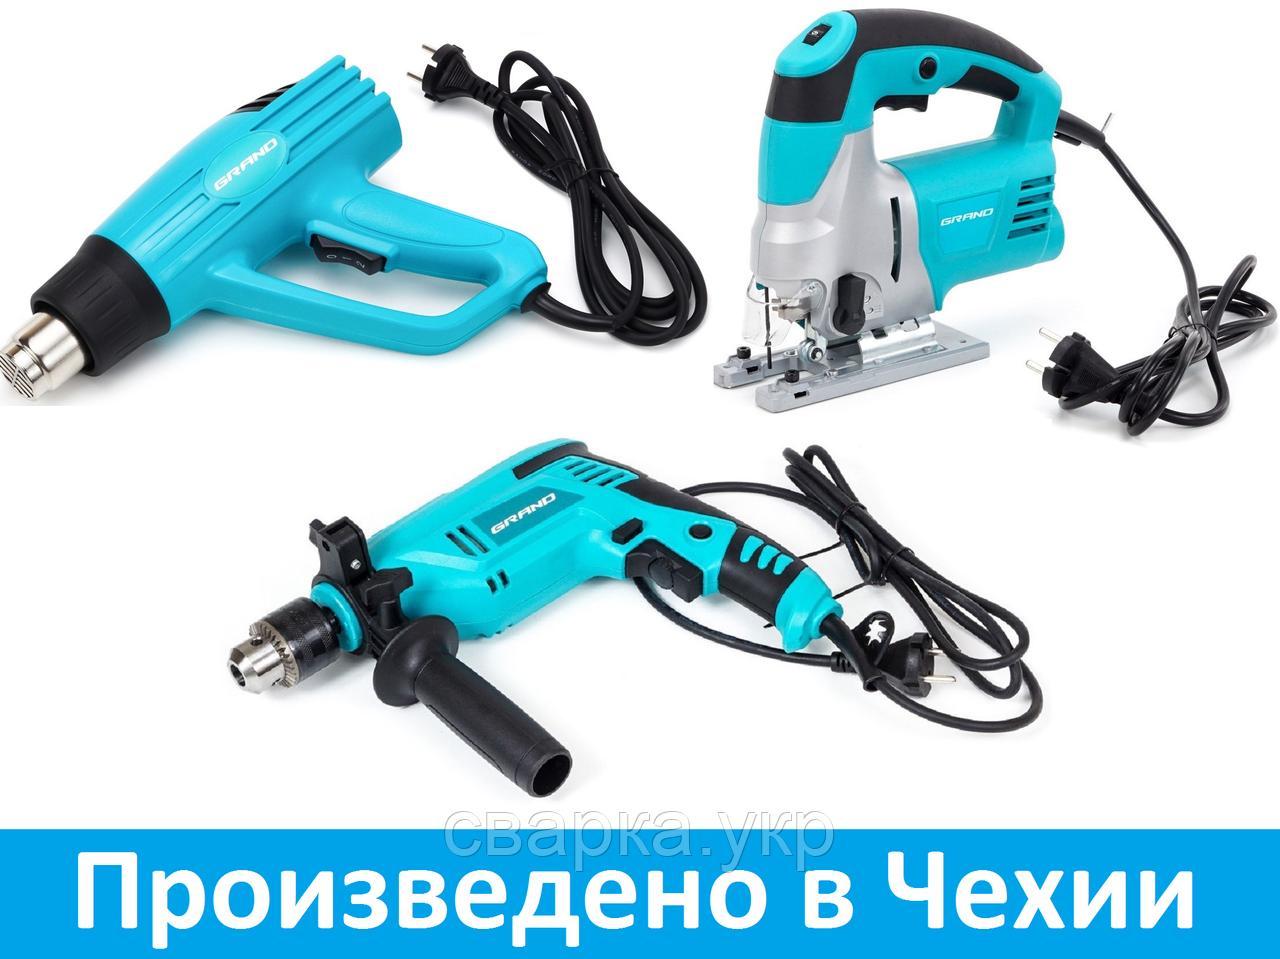 Набор инструментов: Дрель ударная, Фен промышленный, Лобзик электрический